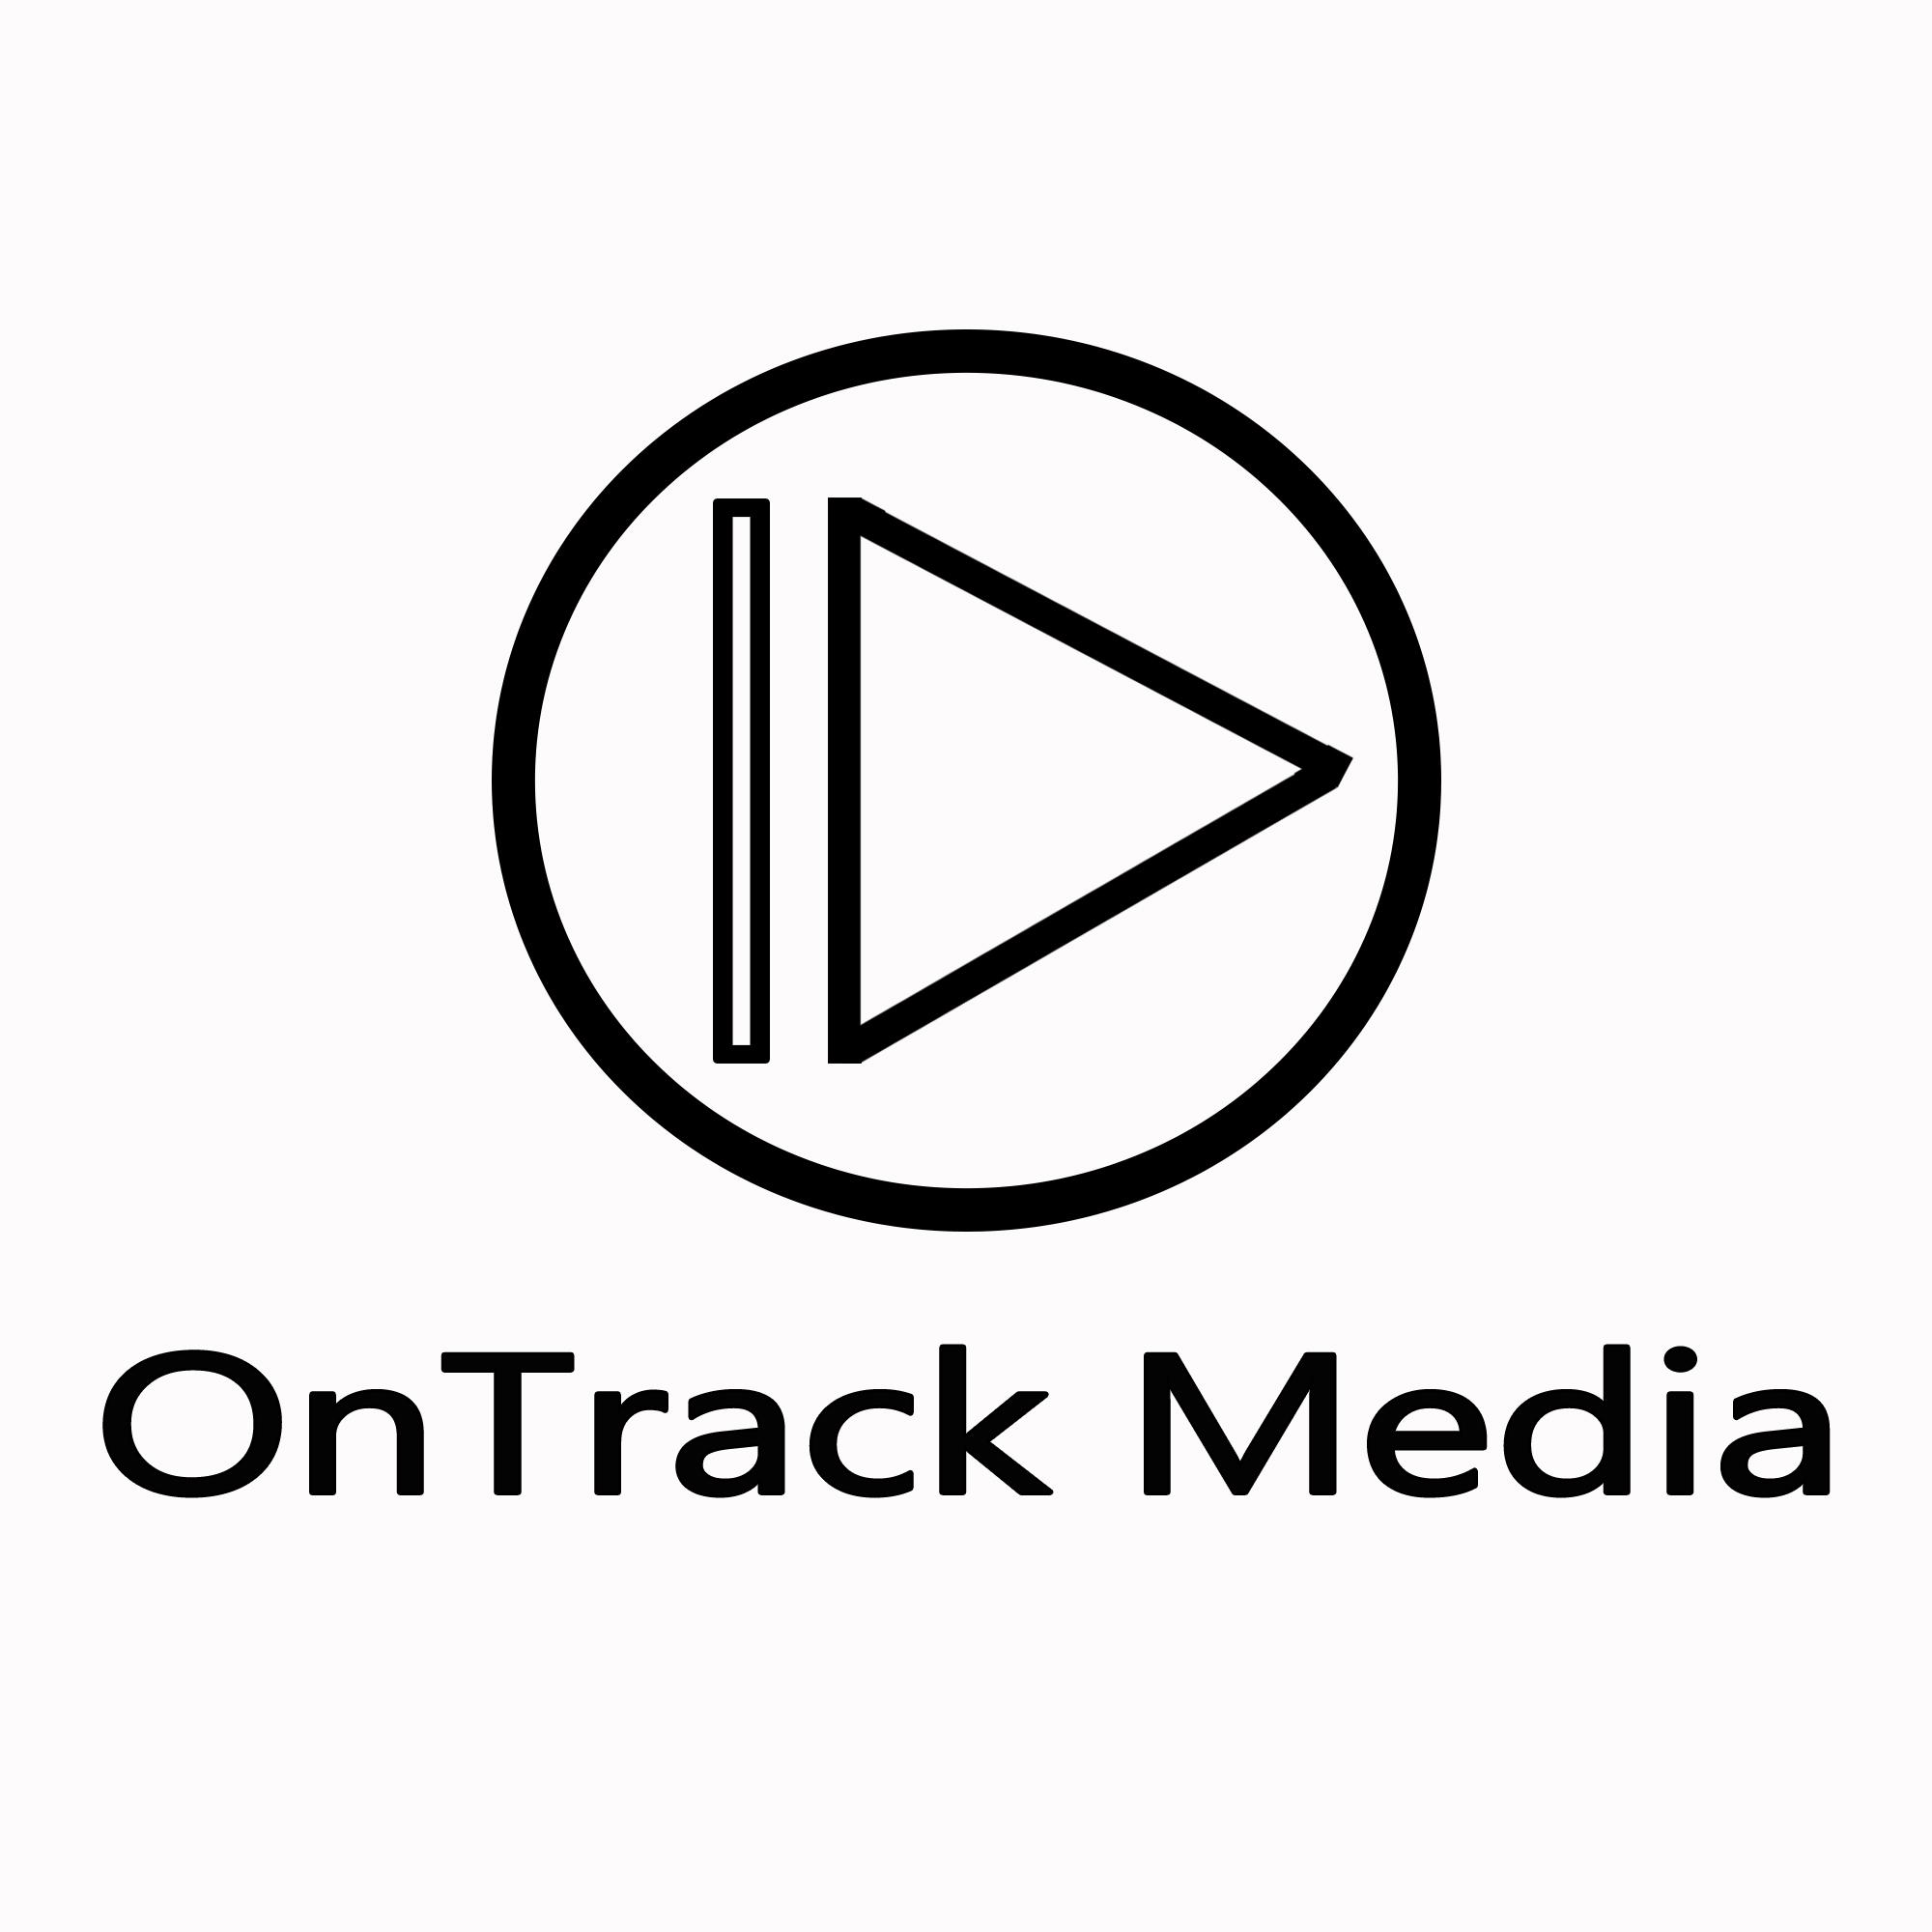 OnTrack Media logo